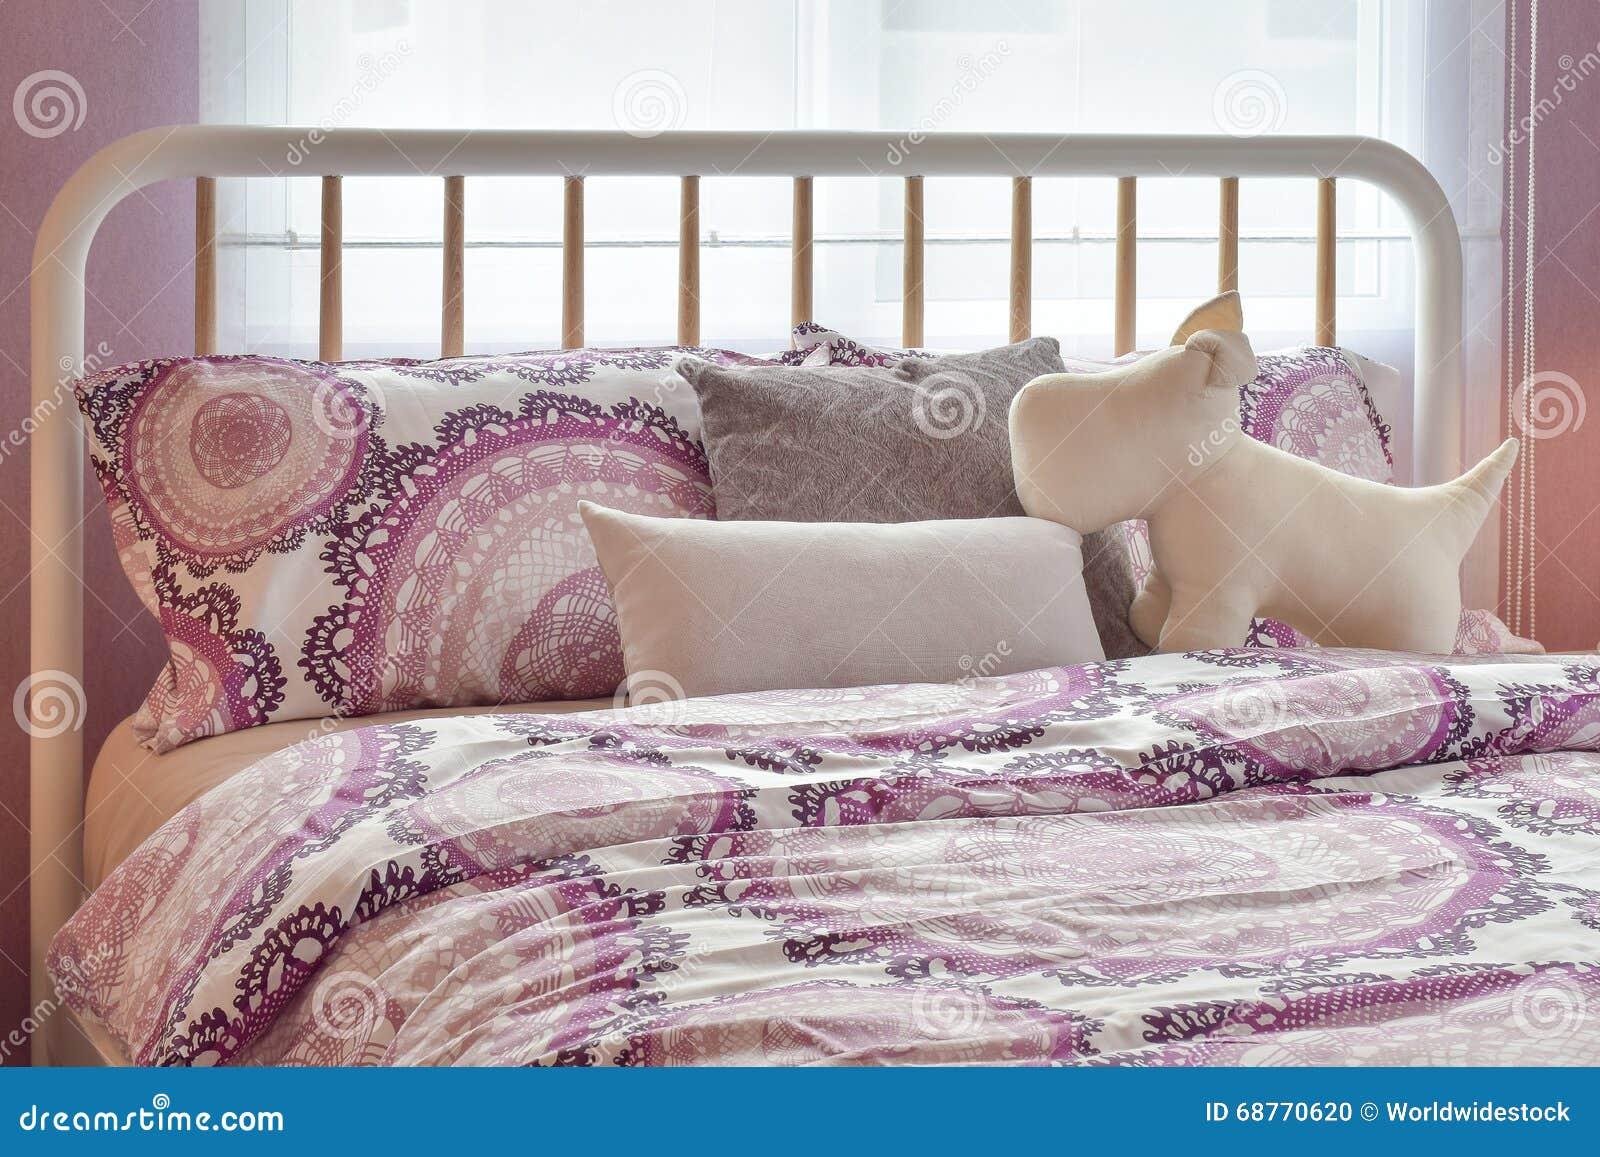 Gemütliches Schlafzimmer Mit Den Grauen Und Rosa Kissen Auf Bett